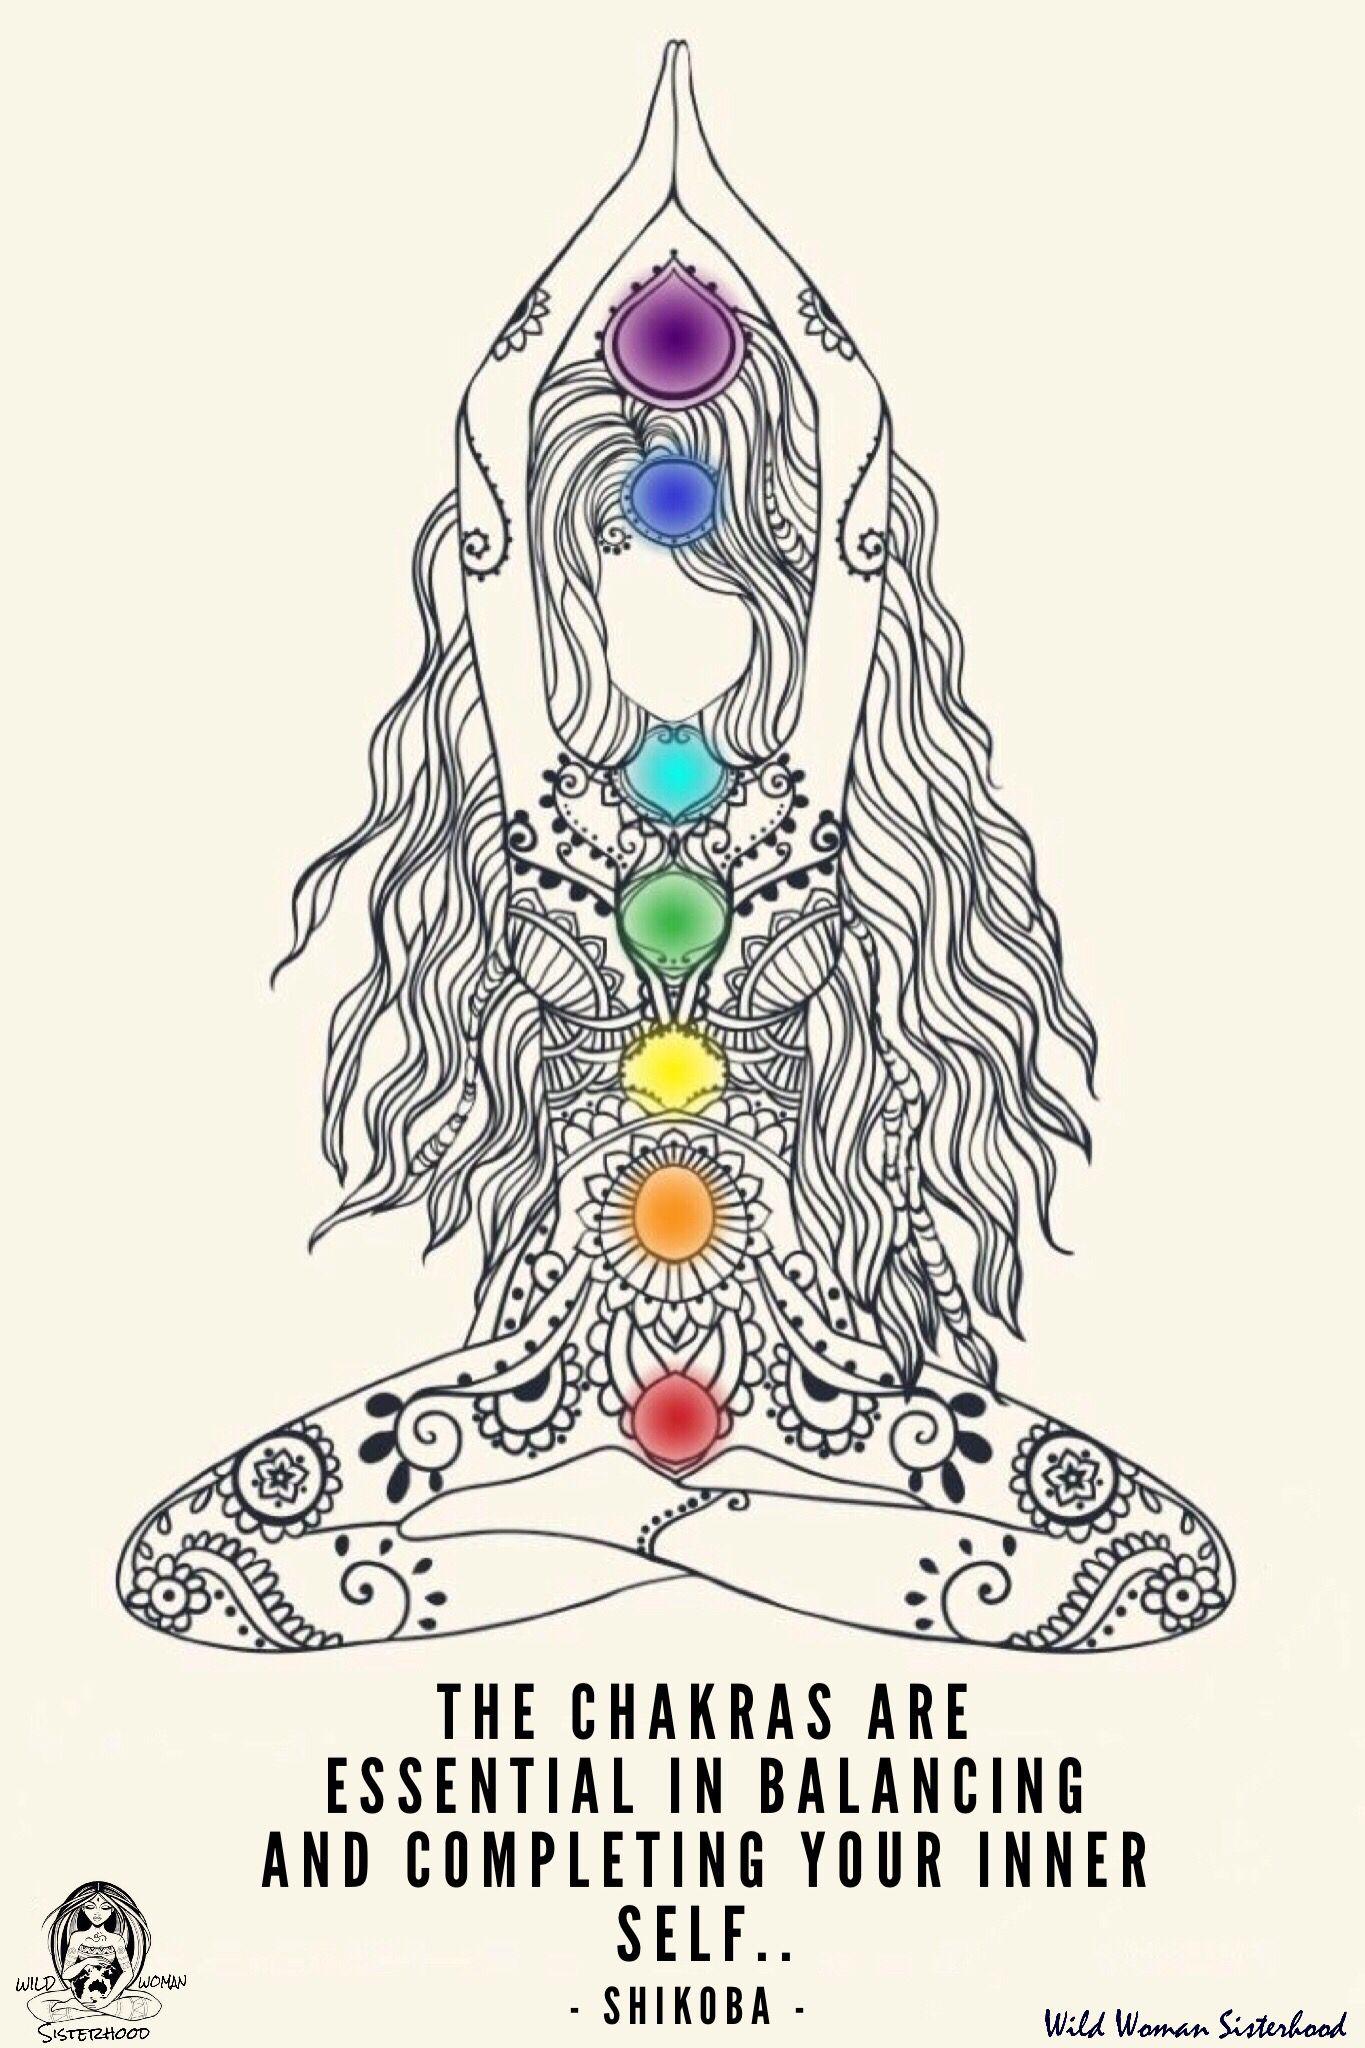 The Chakras With The Tarot Keys: Beautiful Drawing Of The Chakras System. The Chakras Are